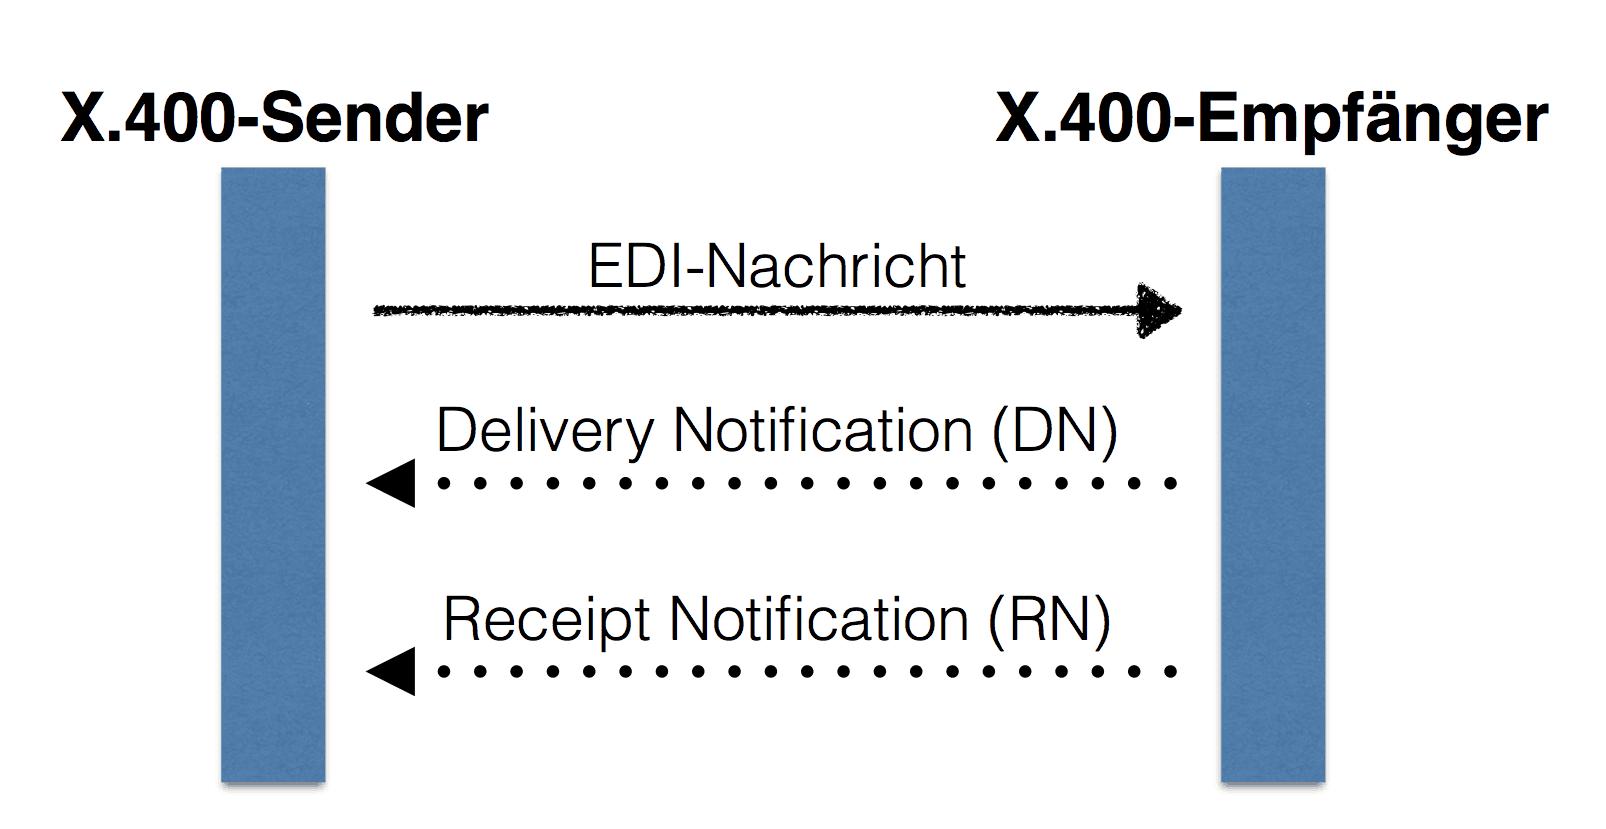 Empfangsbestätigung bei X.400